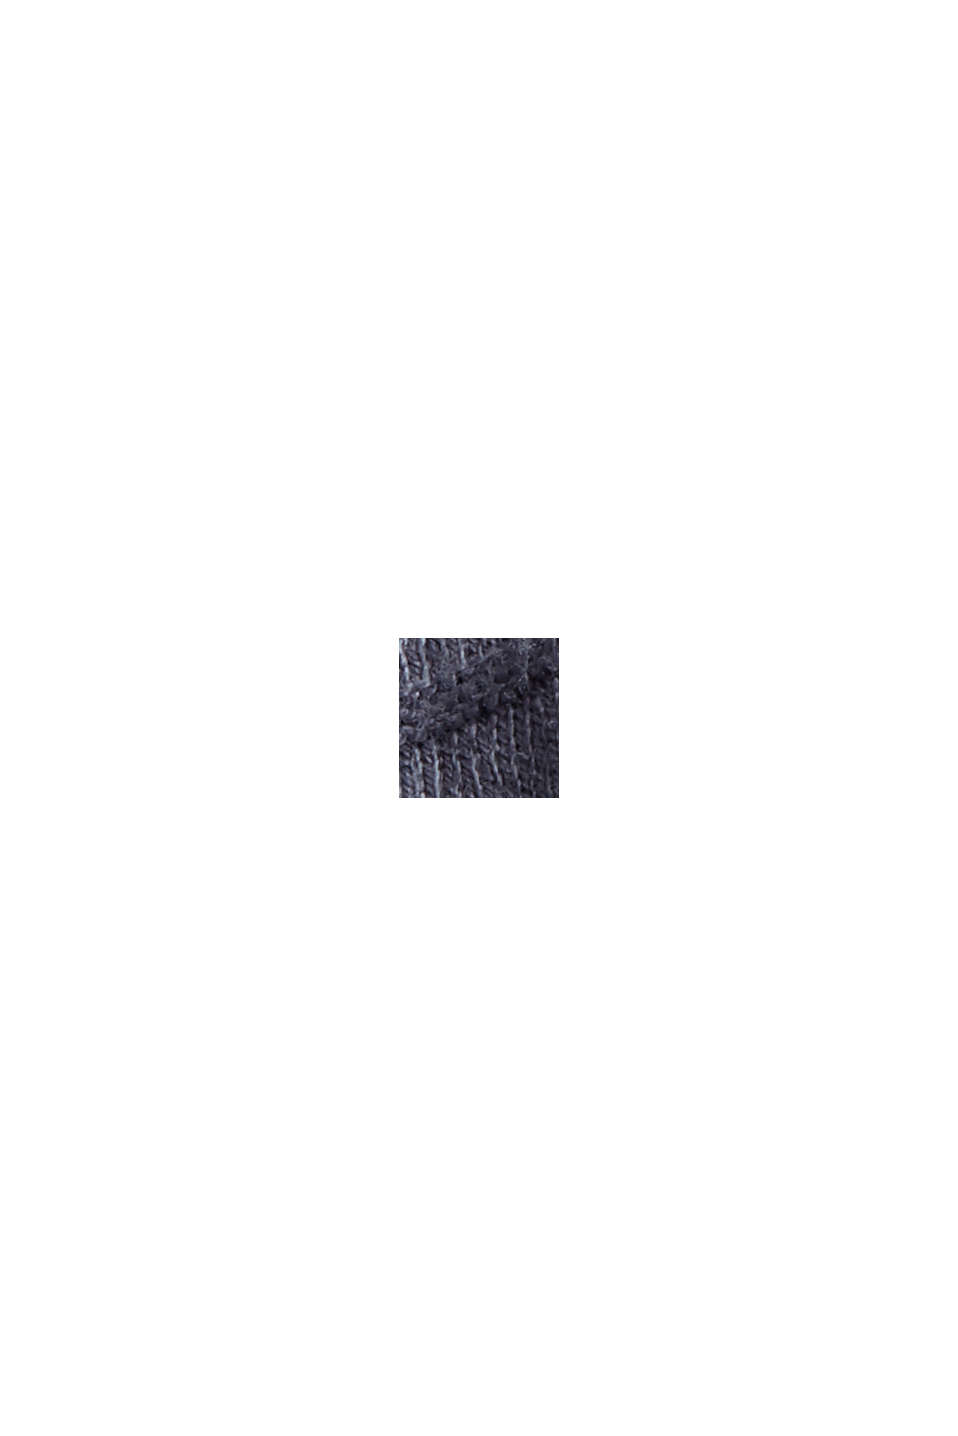 Pullover i finmasket strik af økologisk bomuldsblanding, GREY BLUE, swatch